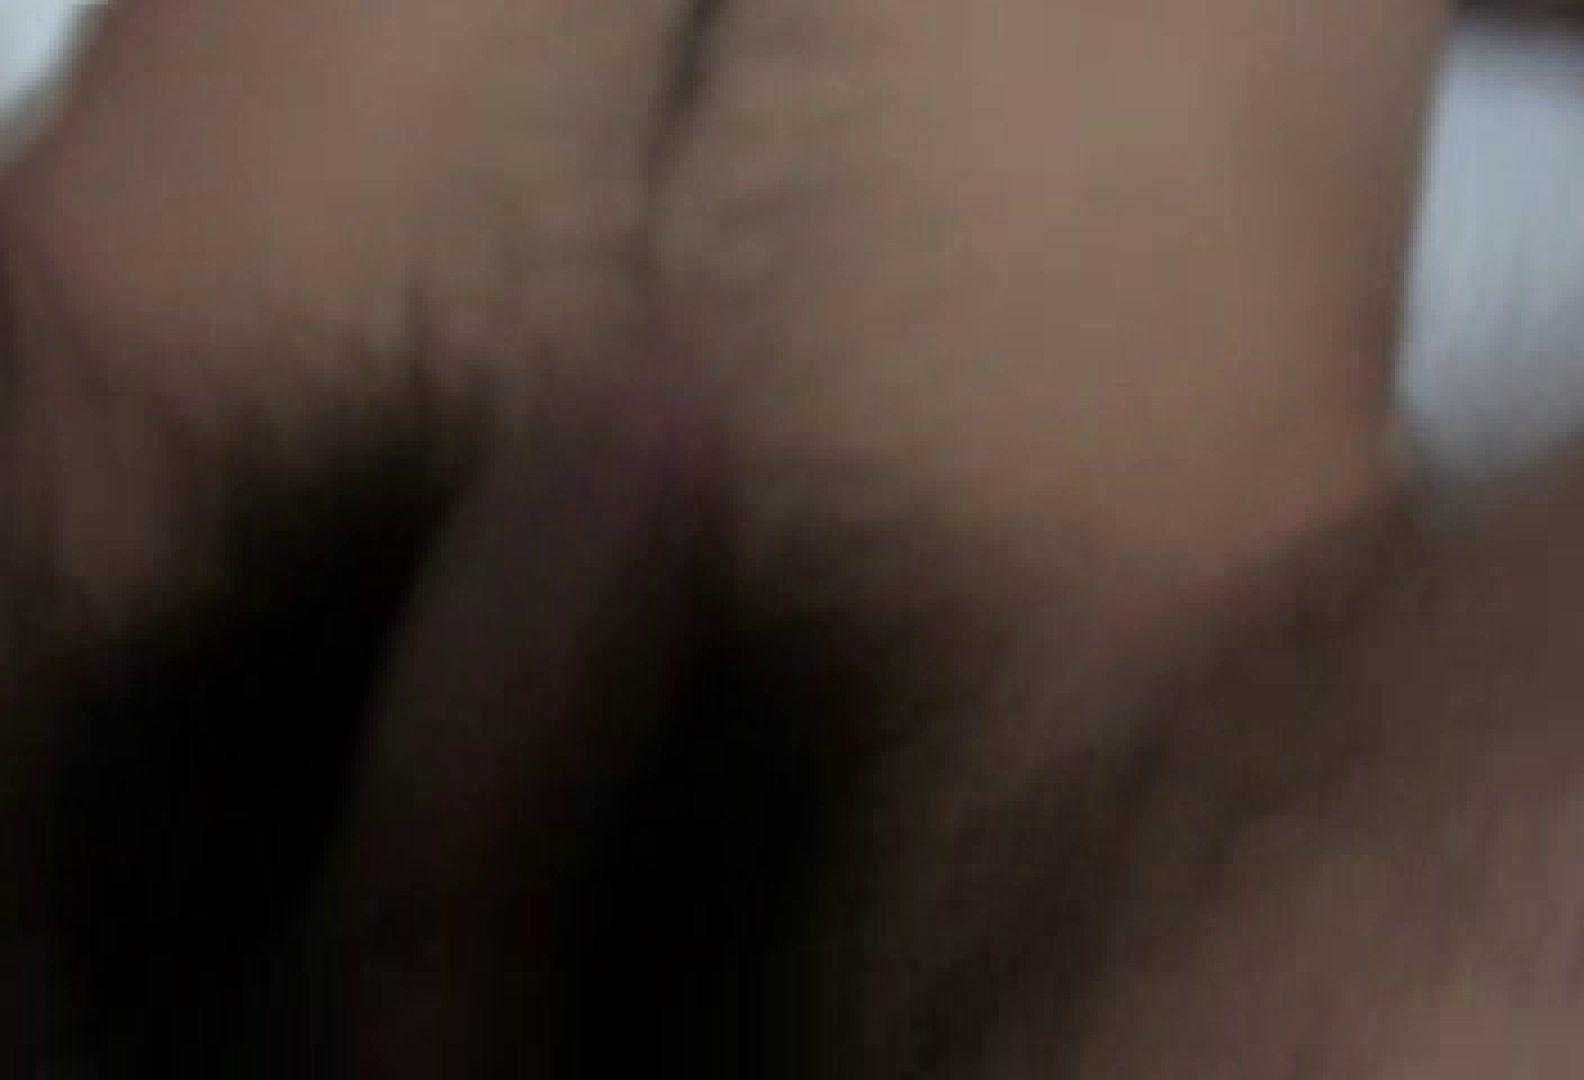 アイマスクでおもいっきり性感帯!!vol.03 オナニー ゲイ丸見え画像 84pic 57